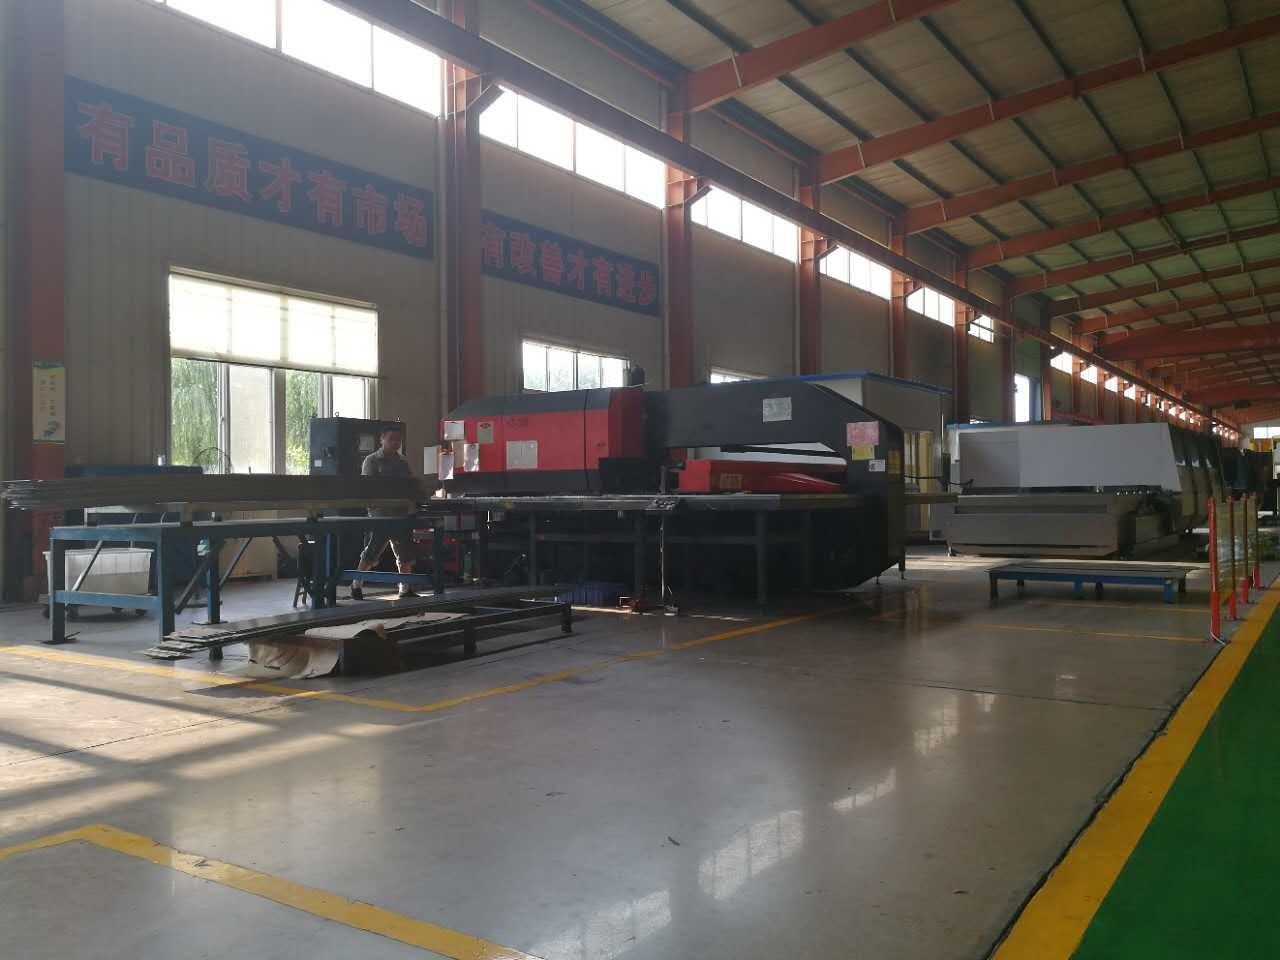 מרכז בדיקה מקצועית מוצרים